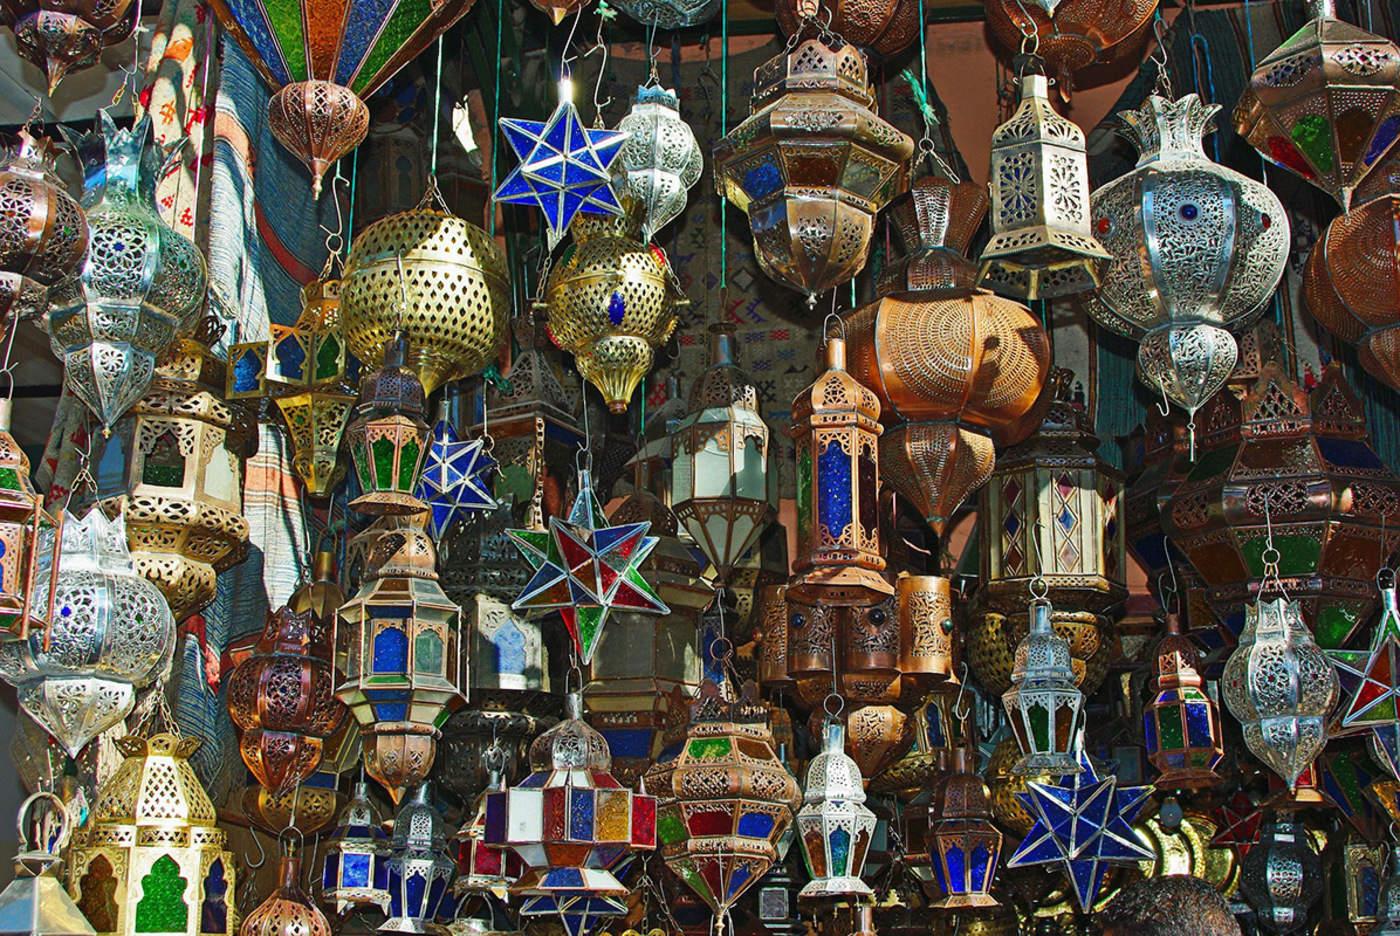 marrakech-893639_1920